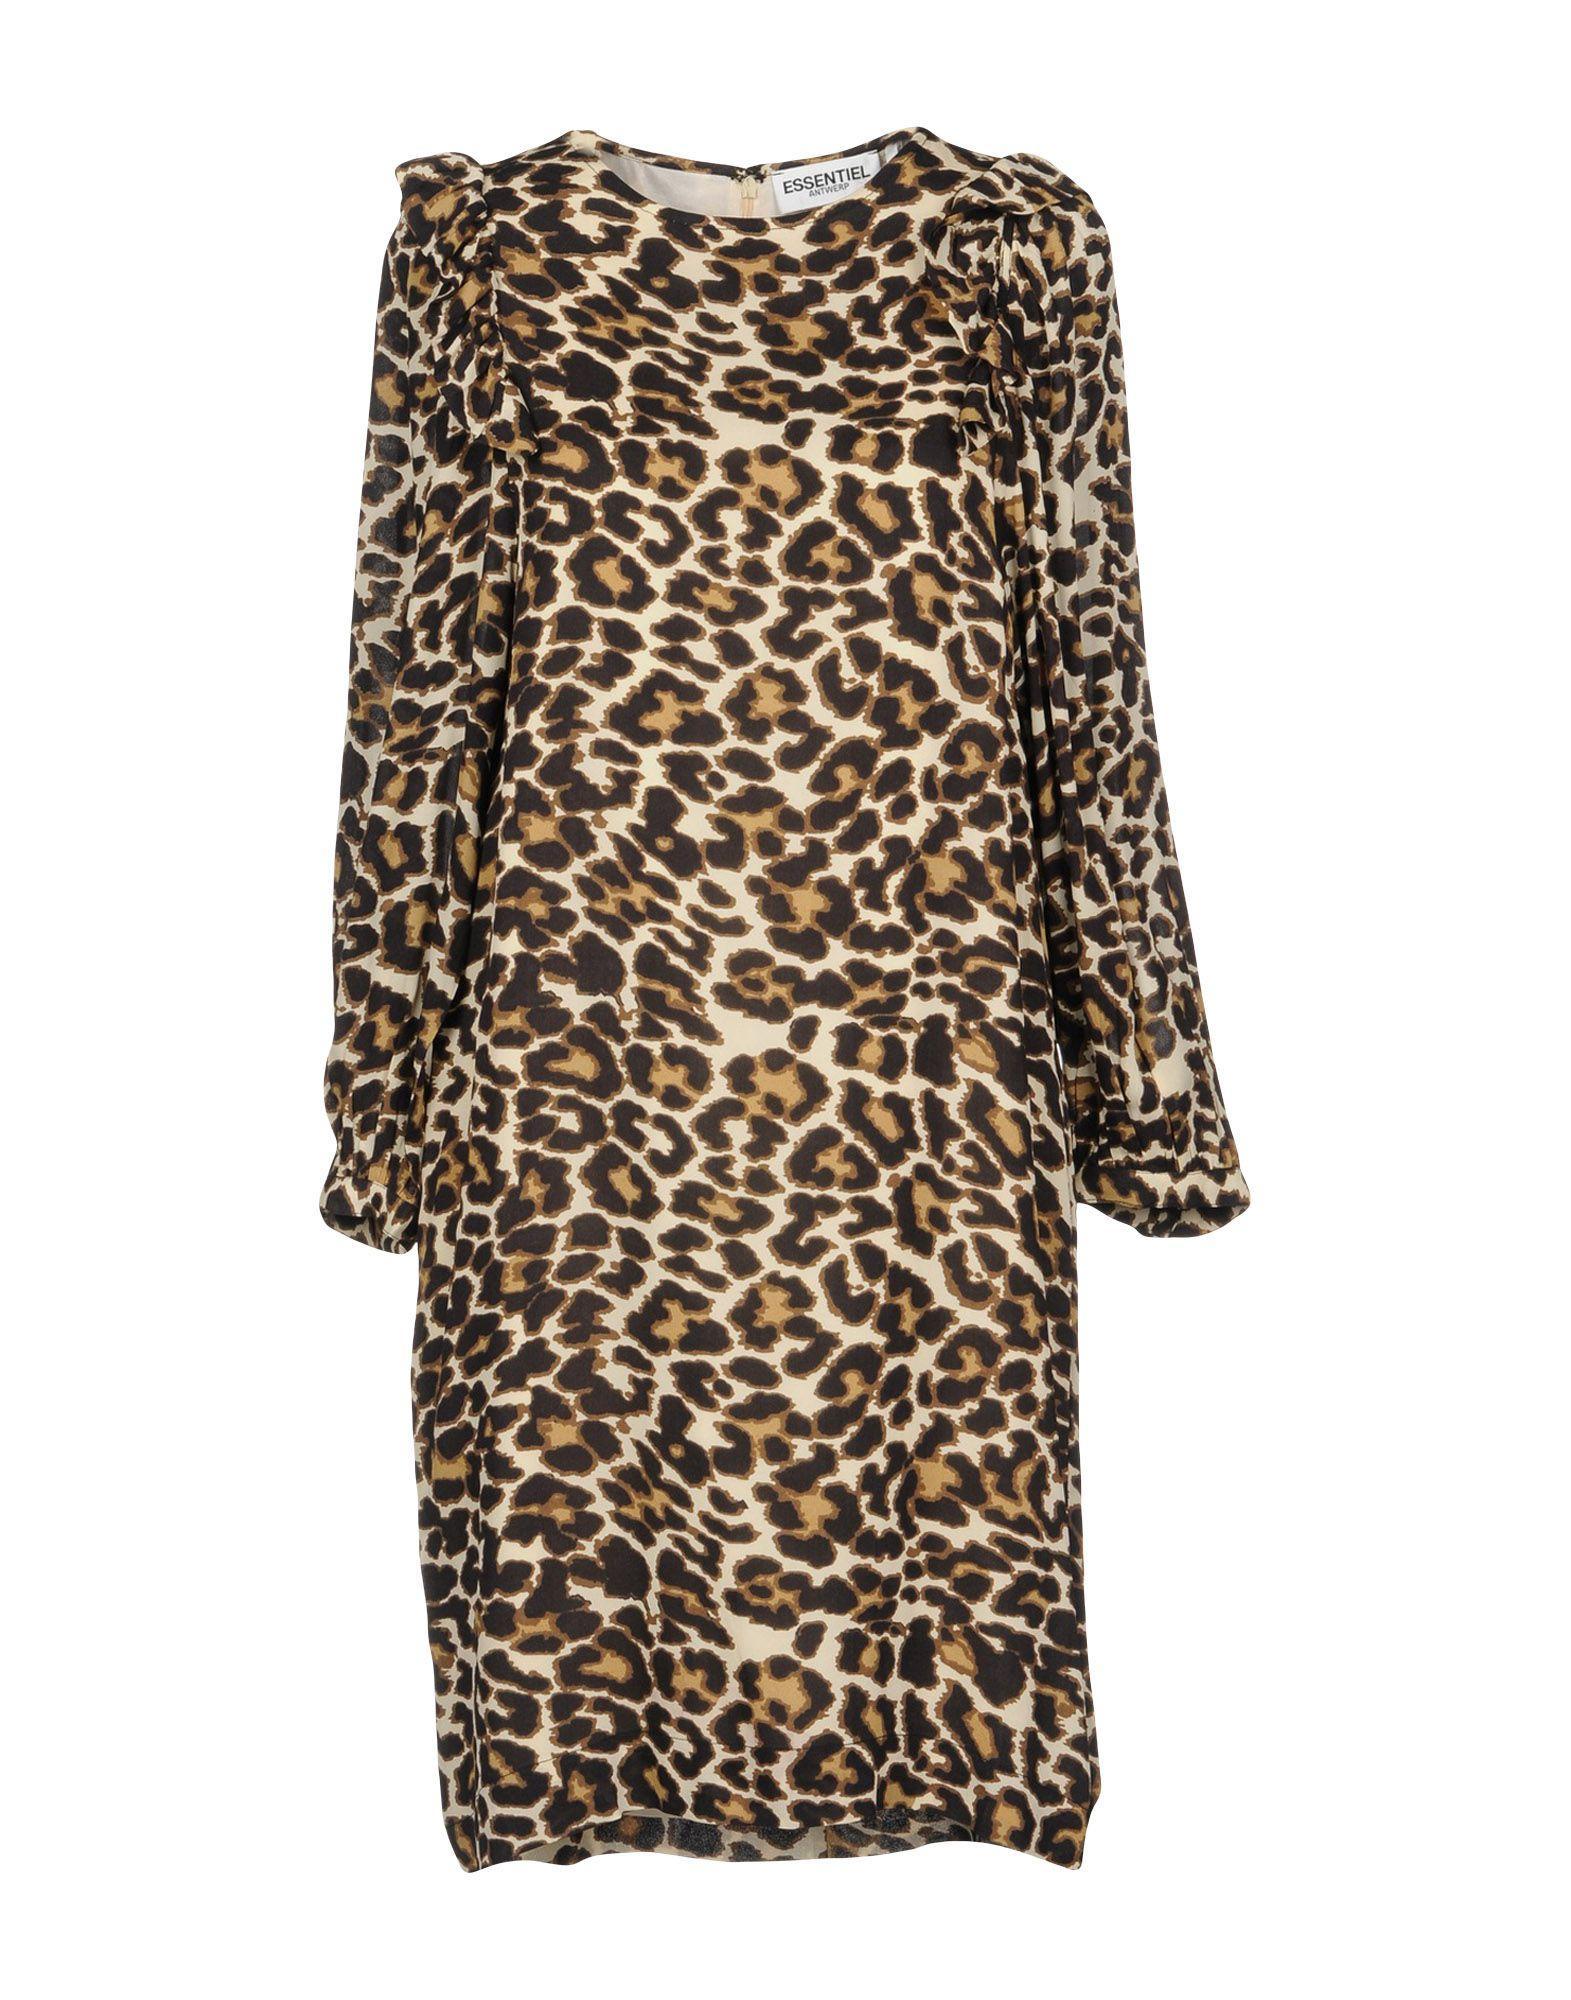 Essentiel Antwerp Short Dress In Khaki